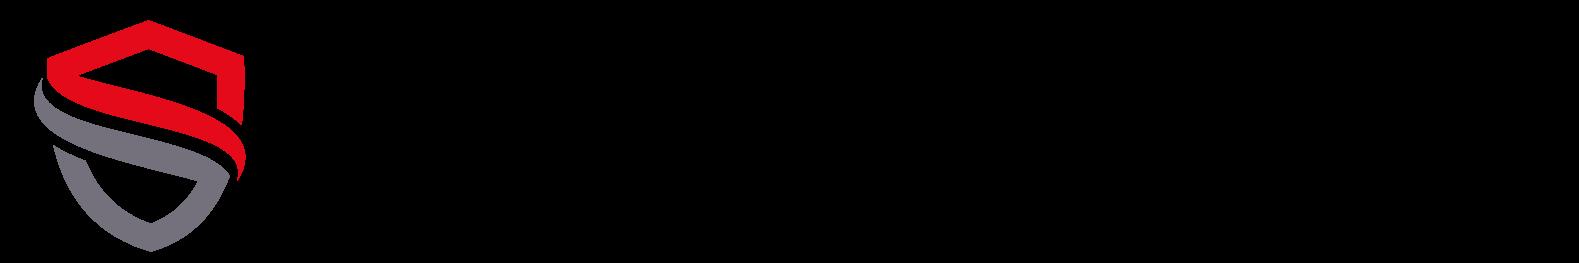 Sapcorda Services GmbH logo